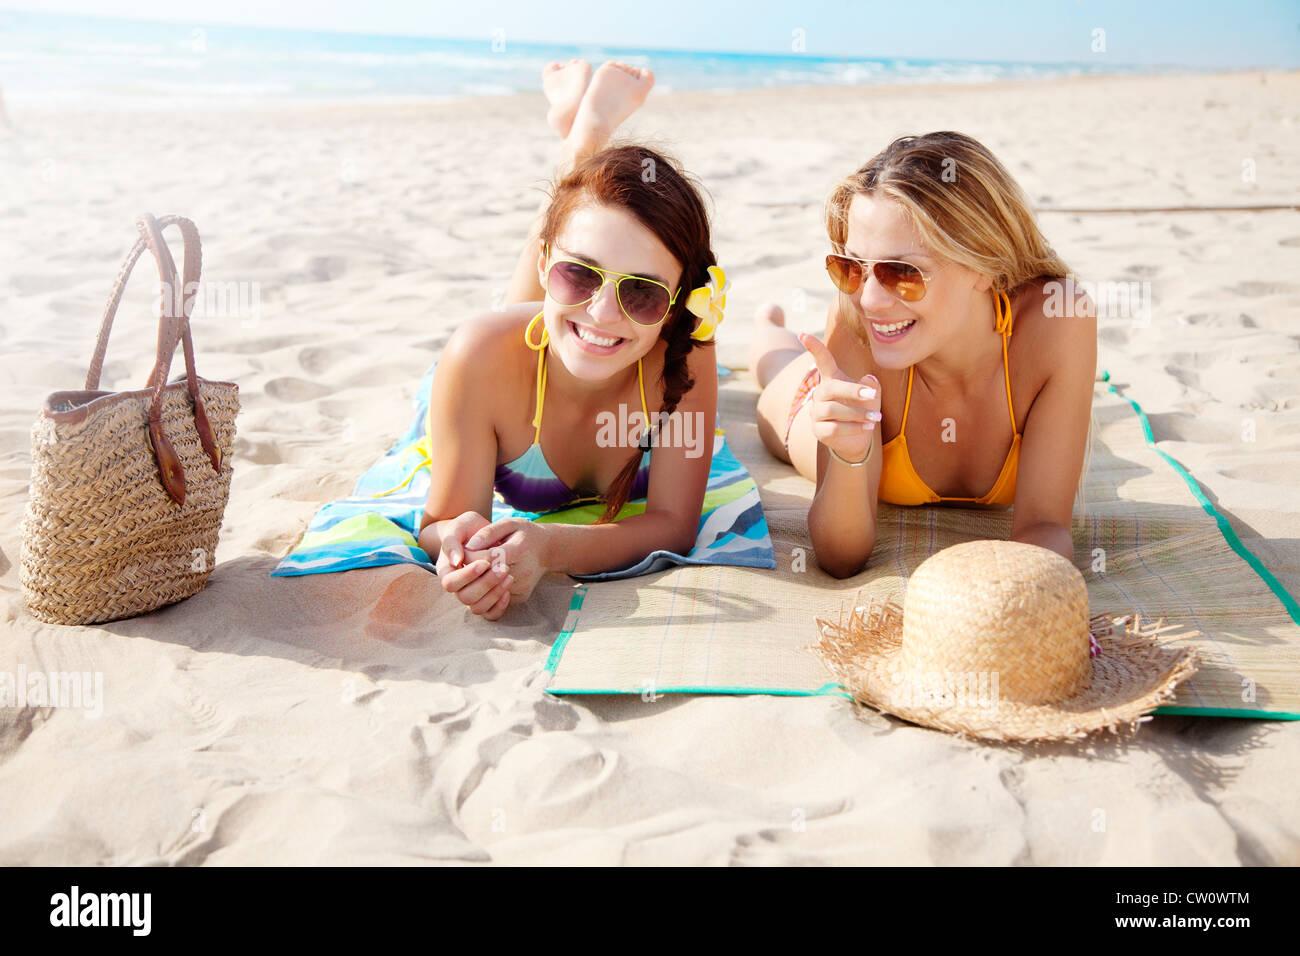 vacances à la plage Banque D'Images